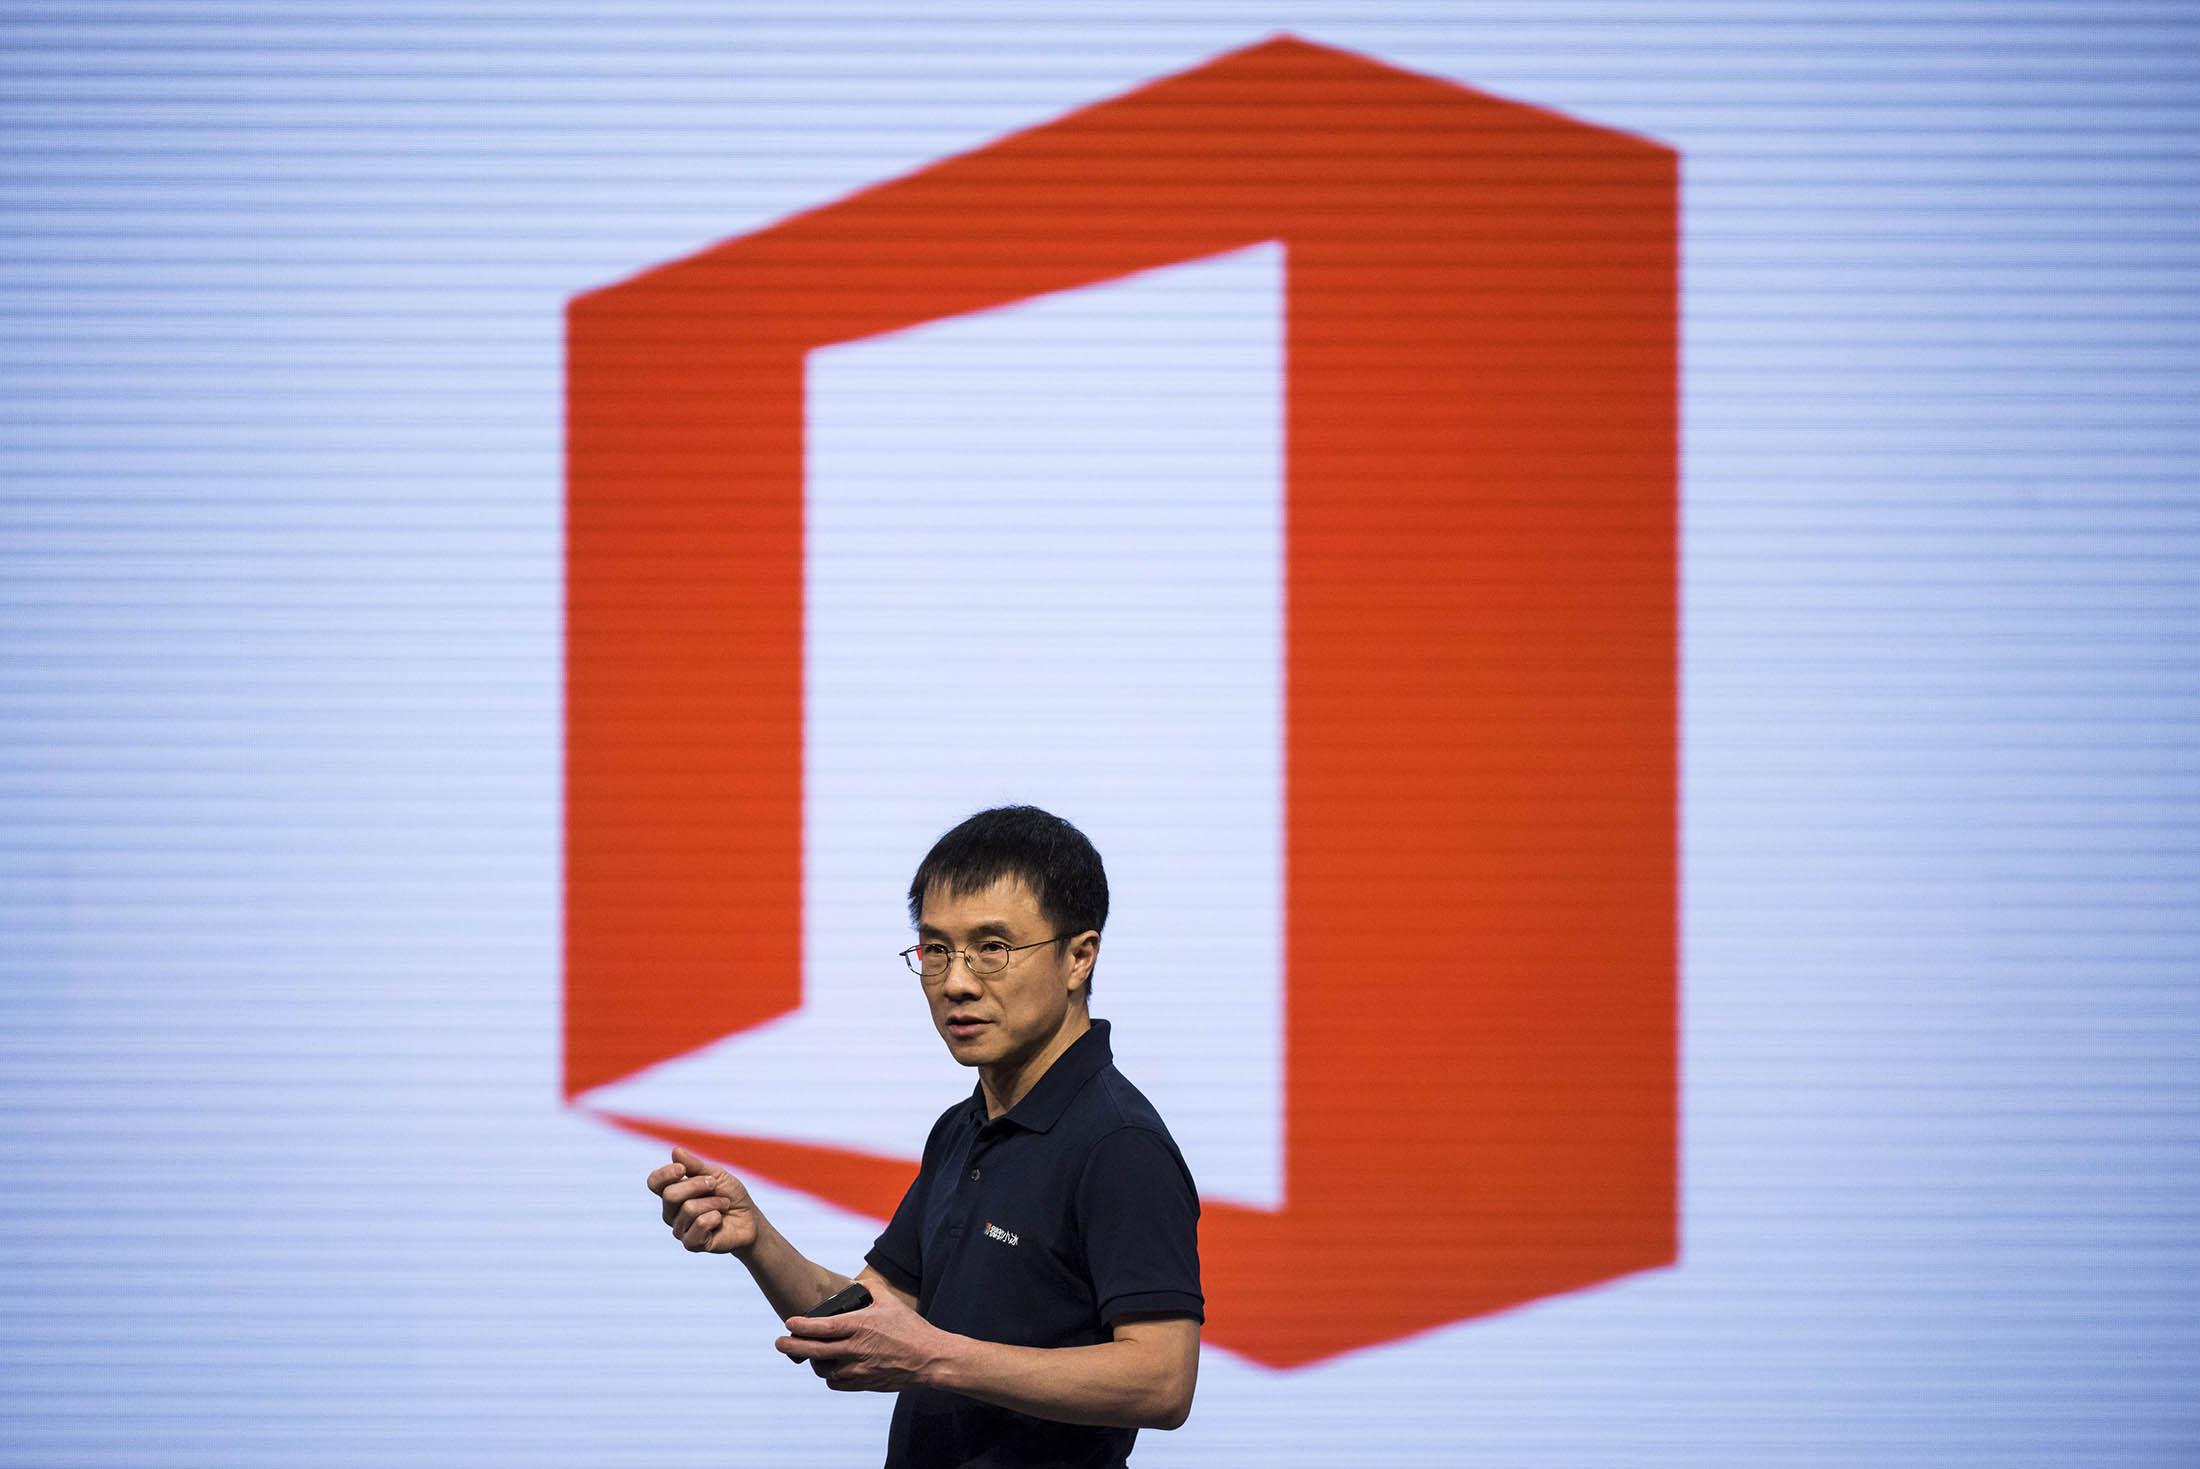 bloomberg.com - Microsoft Veteran Will Help Run Chinese Search Giant Baidu